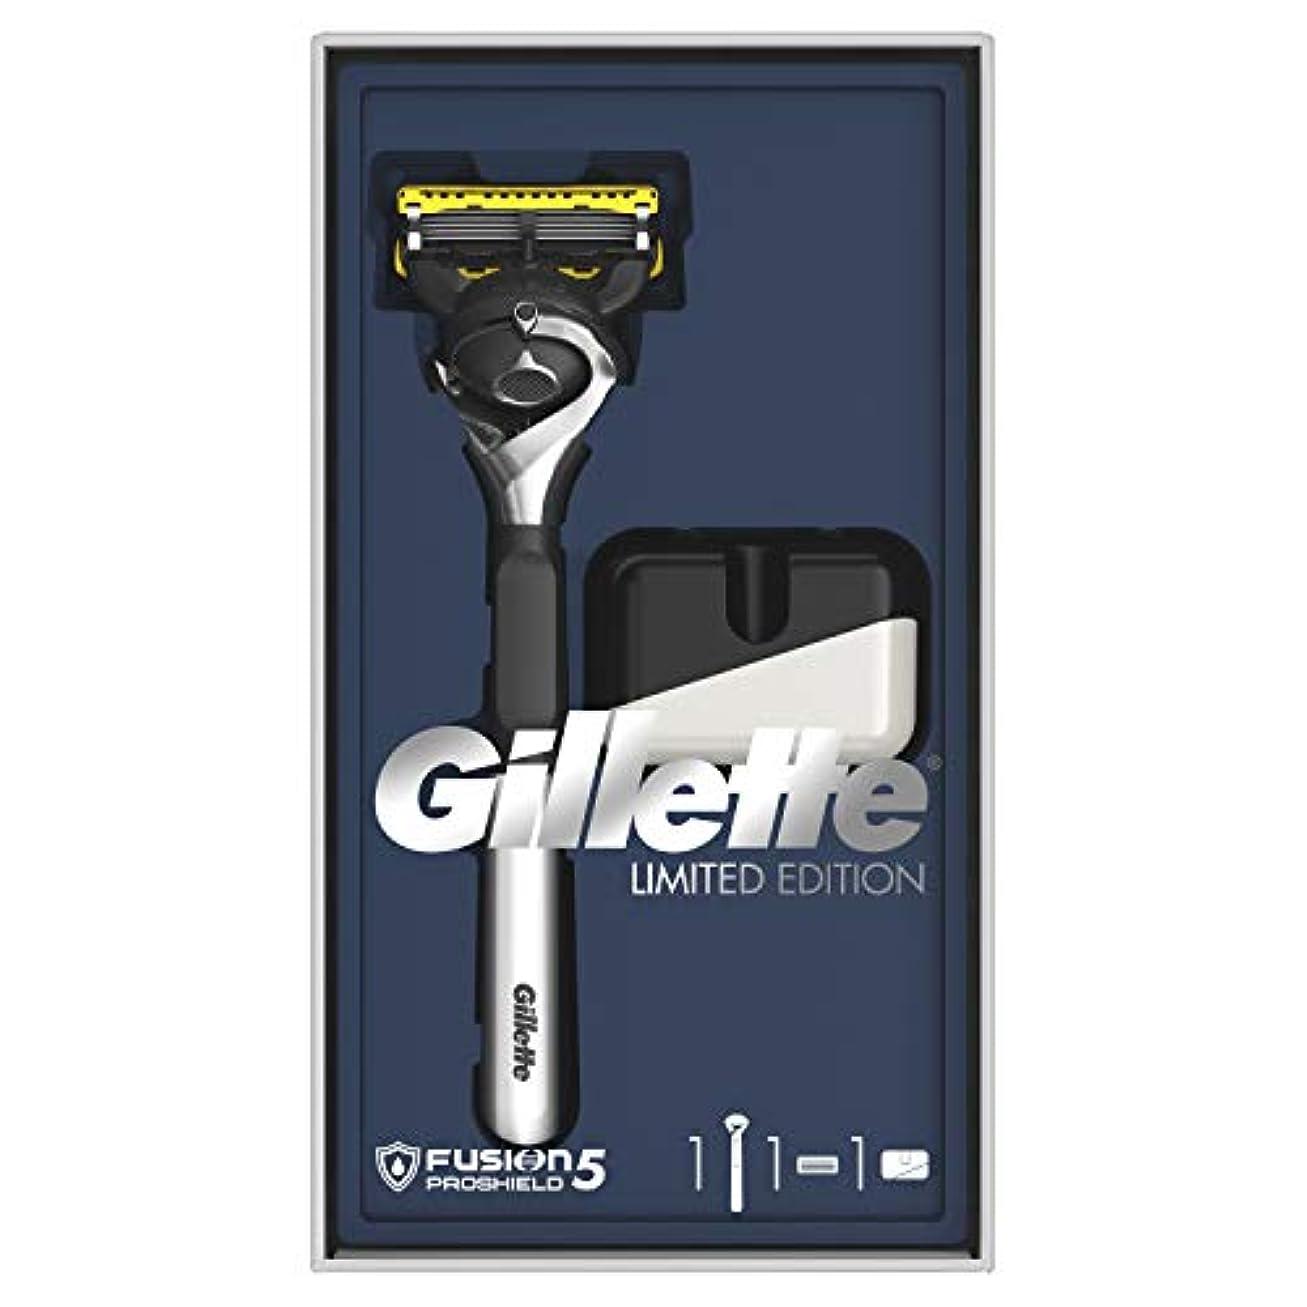 援助千眉をひそめるジレット プロシールド 髭剃り本体+替刃1個 オリジナルスタンド付 スペシャルパッケージ